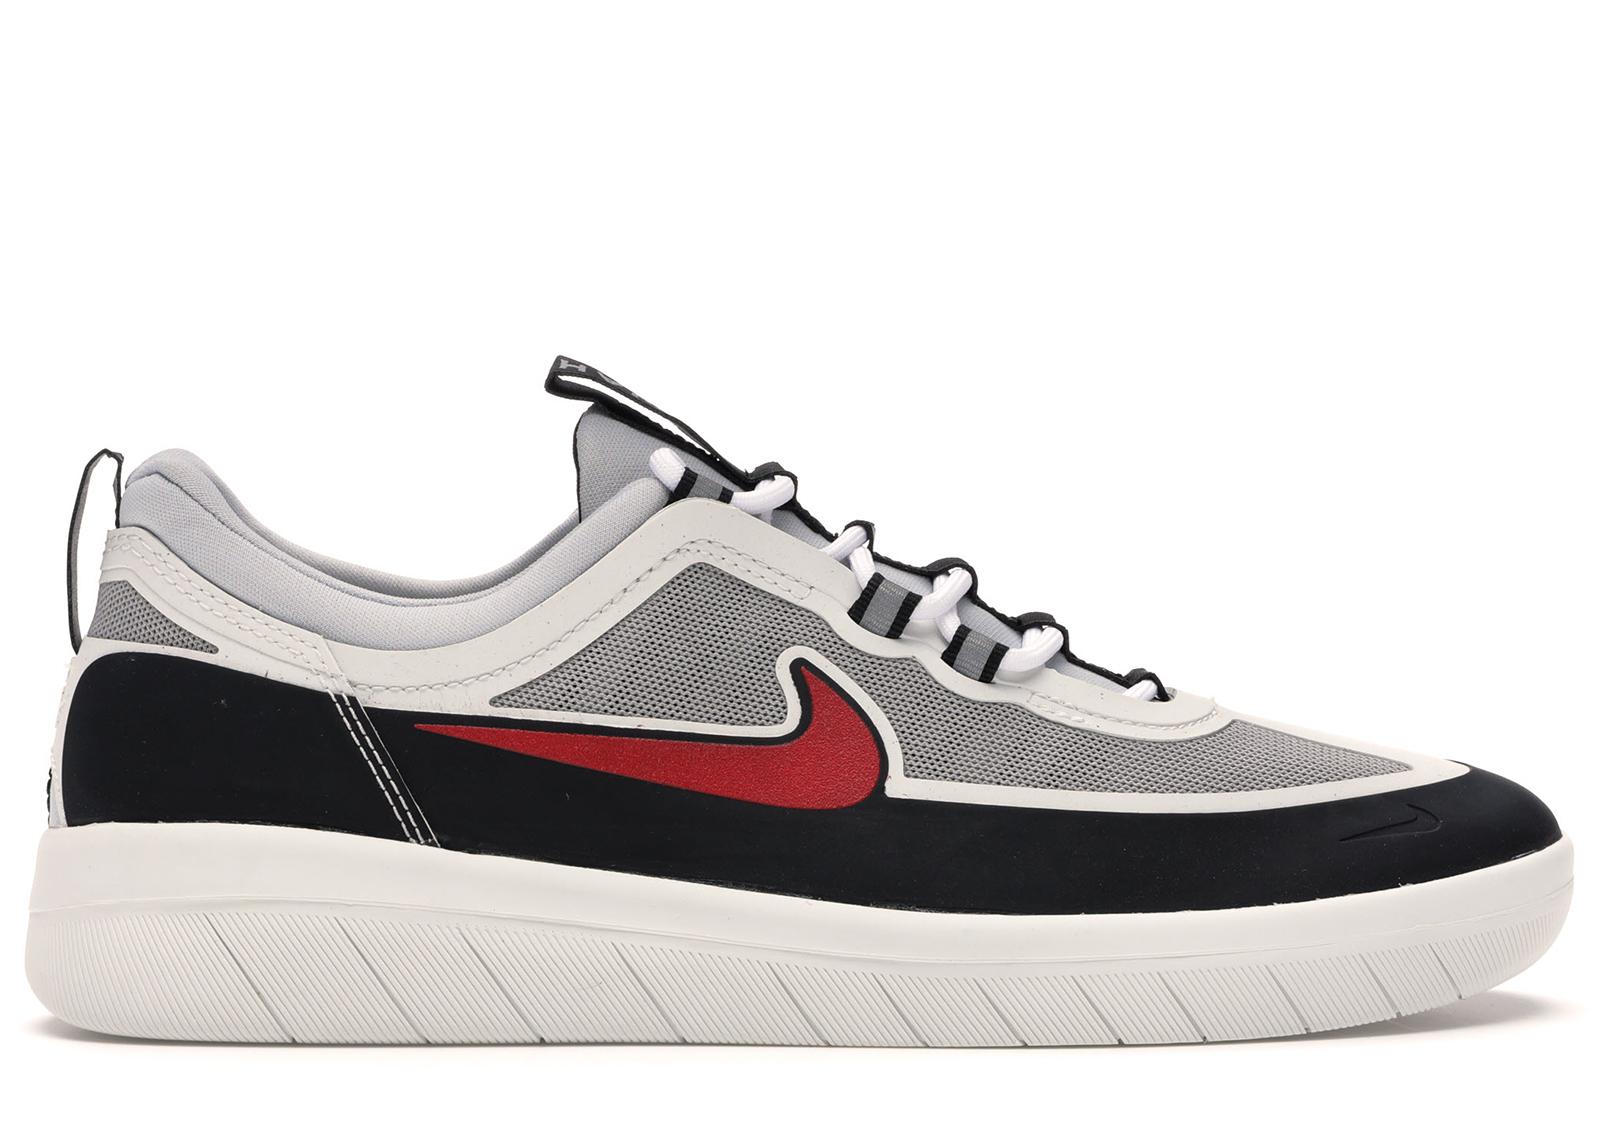 Nike SB Nyjah Free 2 Spiridon - BV2078-002